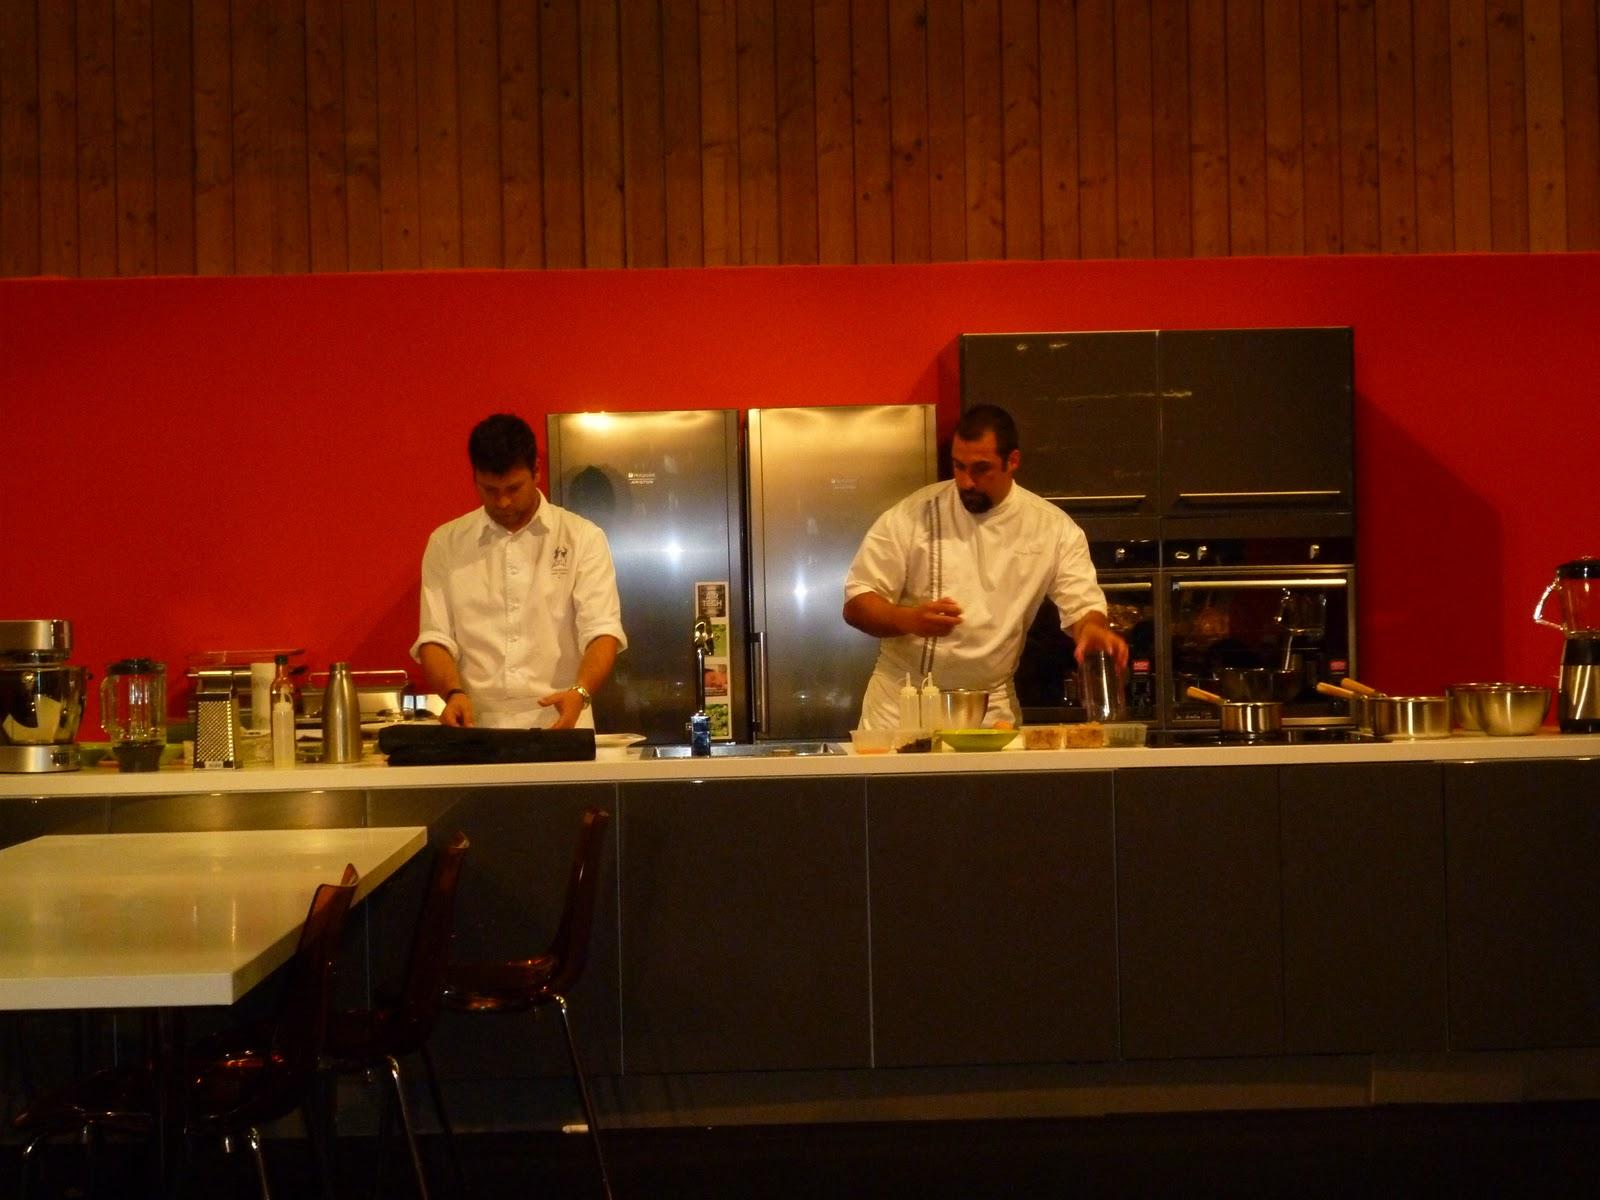 Club gastronomique prosper montagn par alain kritchmar a for Art et magie de la cuisine raymond oliver